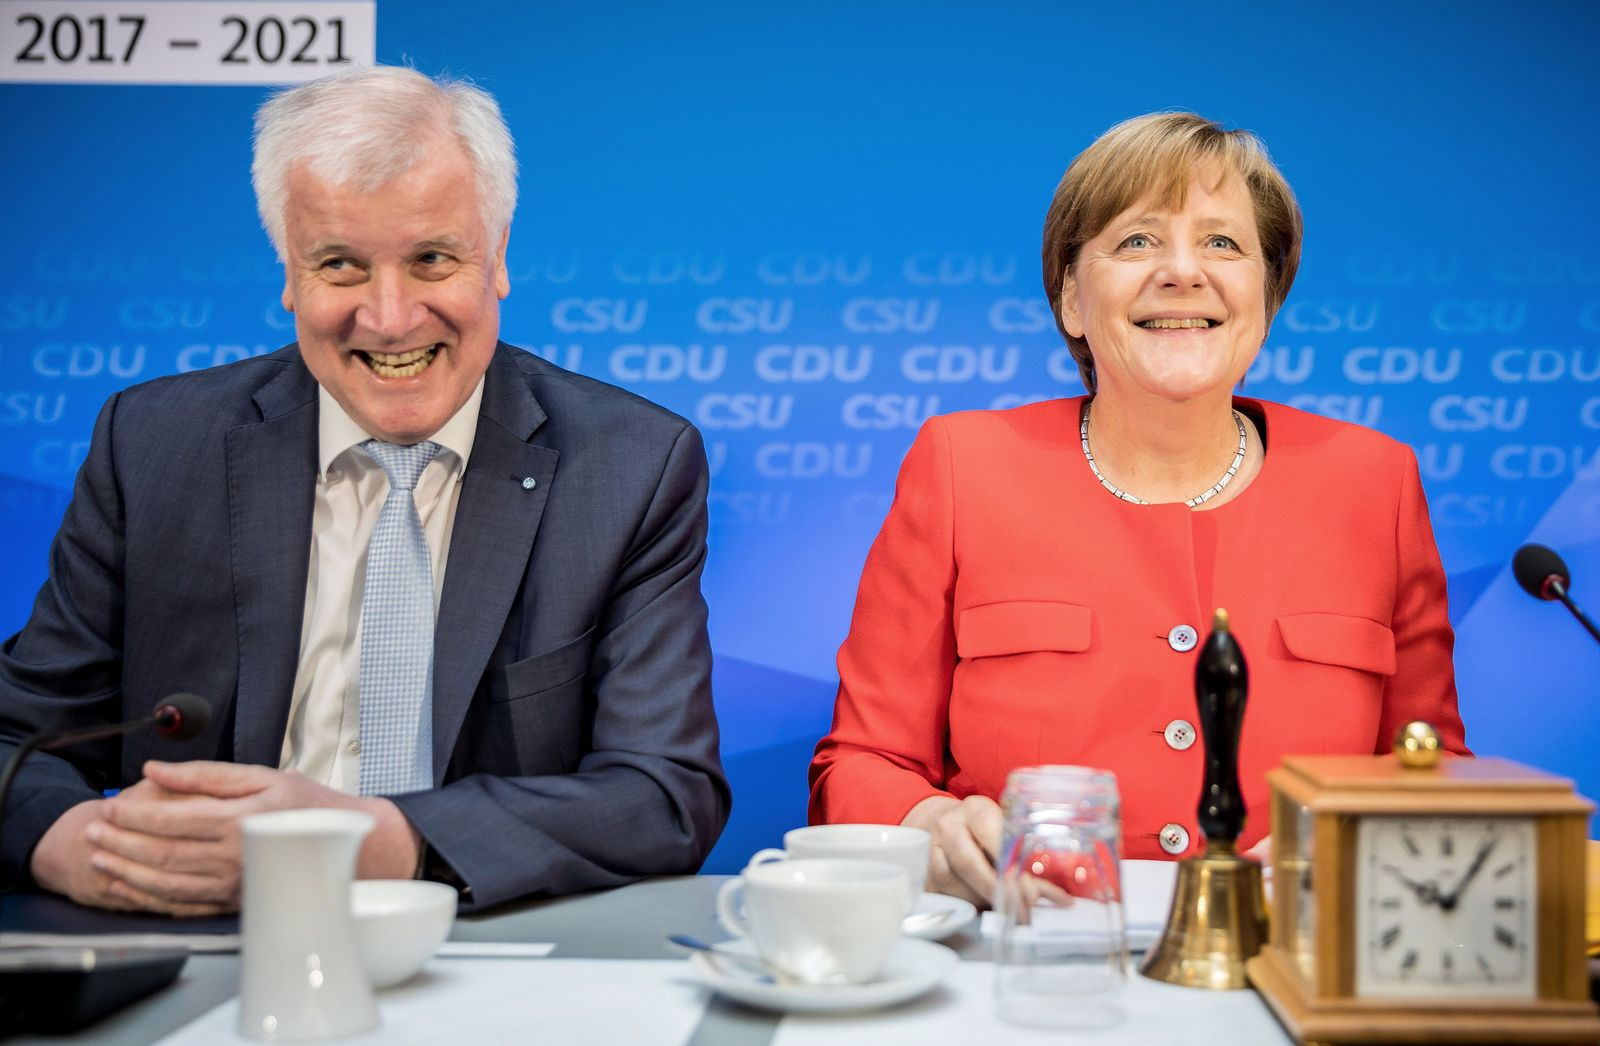 CDU und CSU zum Wahlprogramm